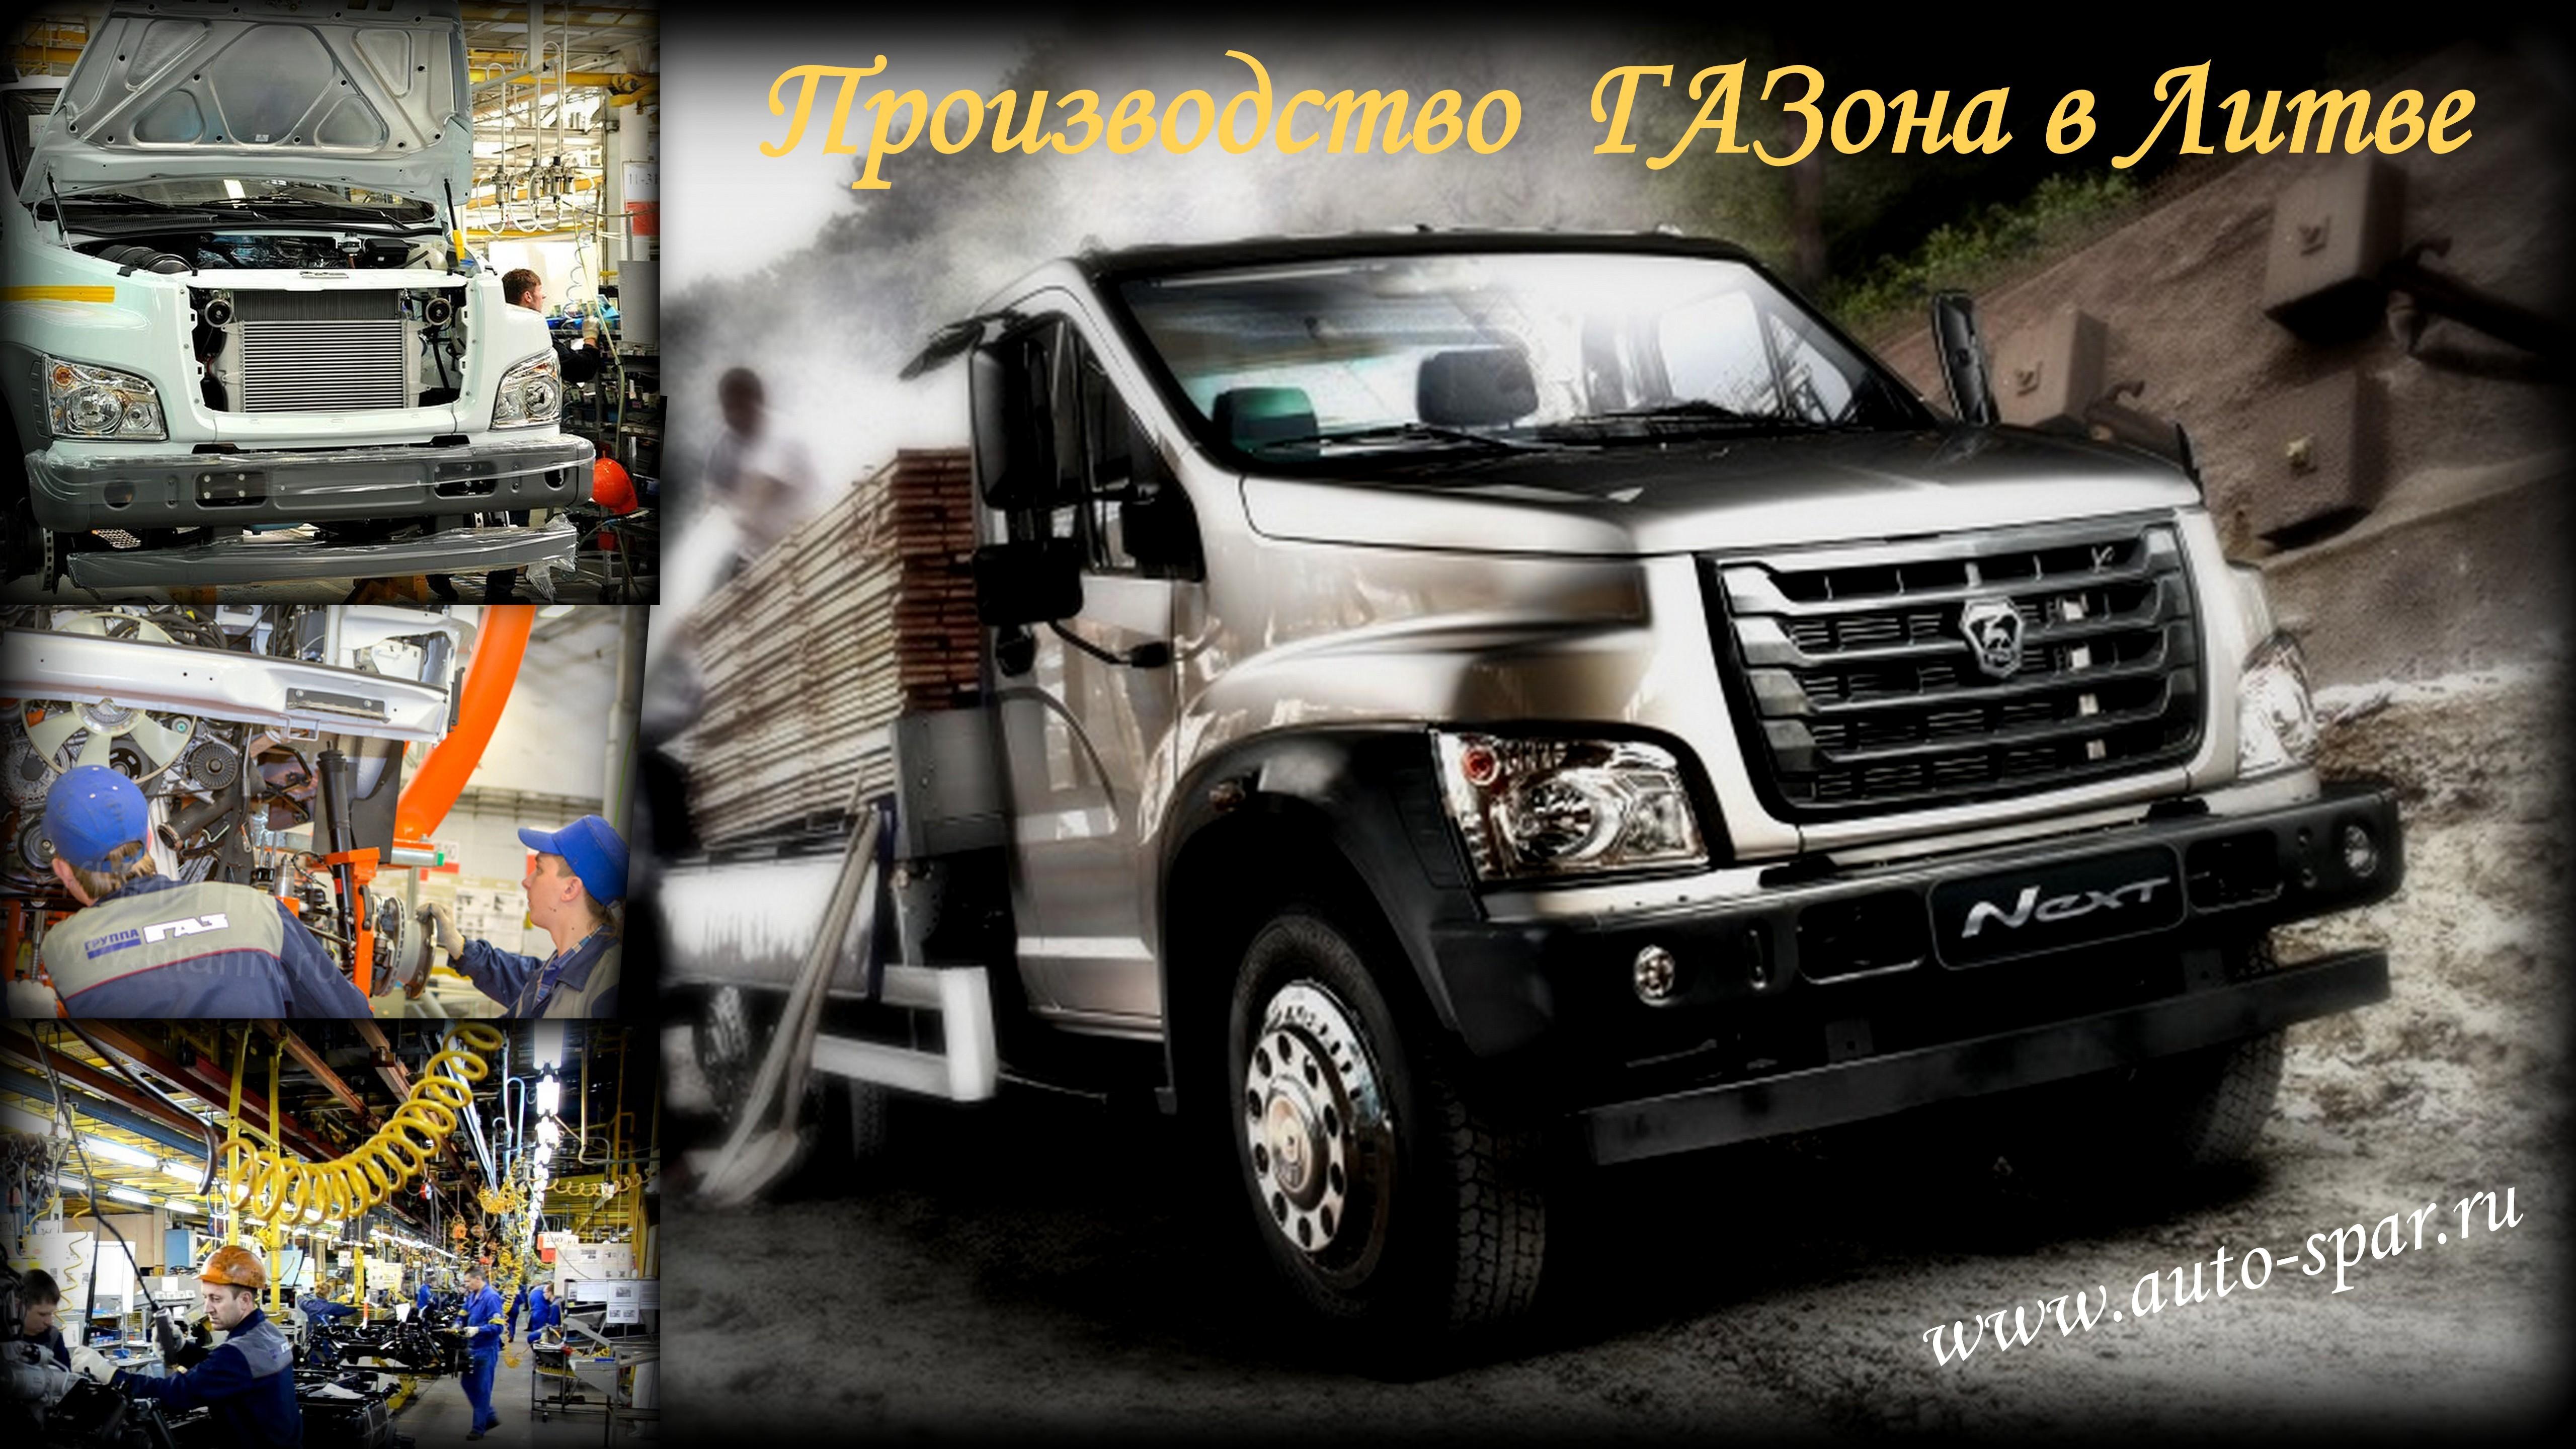 ГАЗ открывает производство своих авто в Литве.